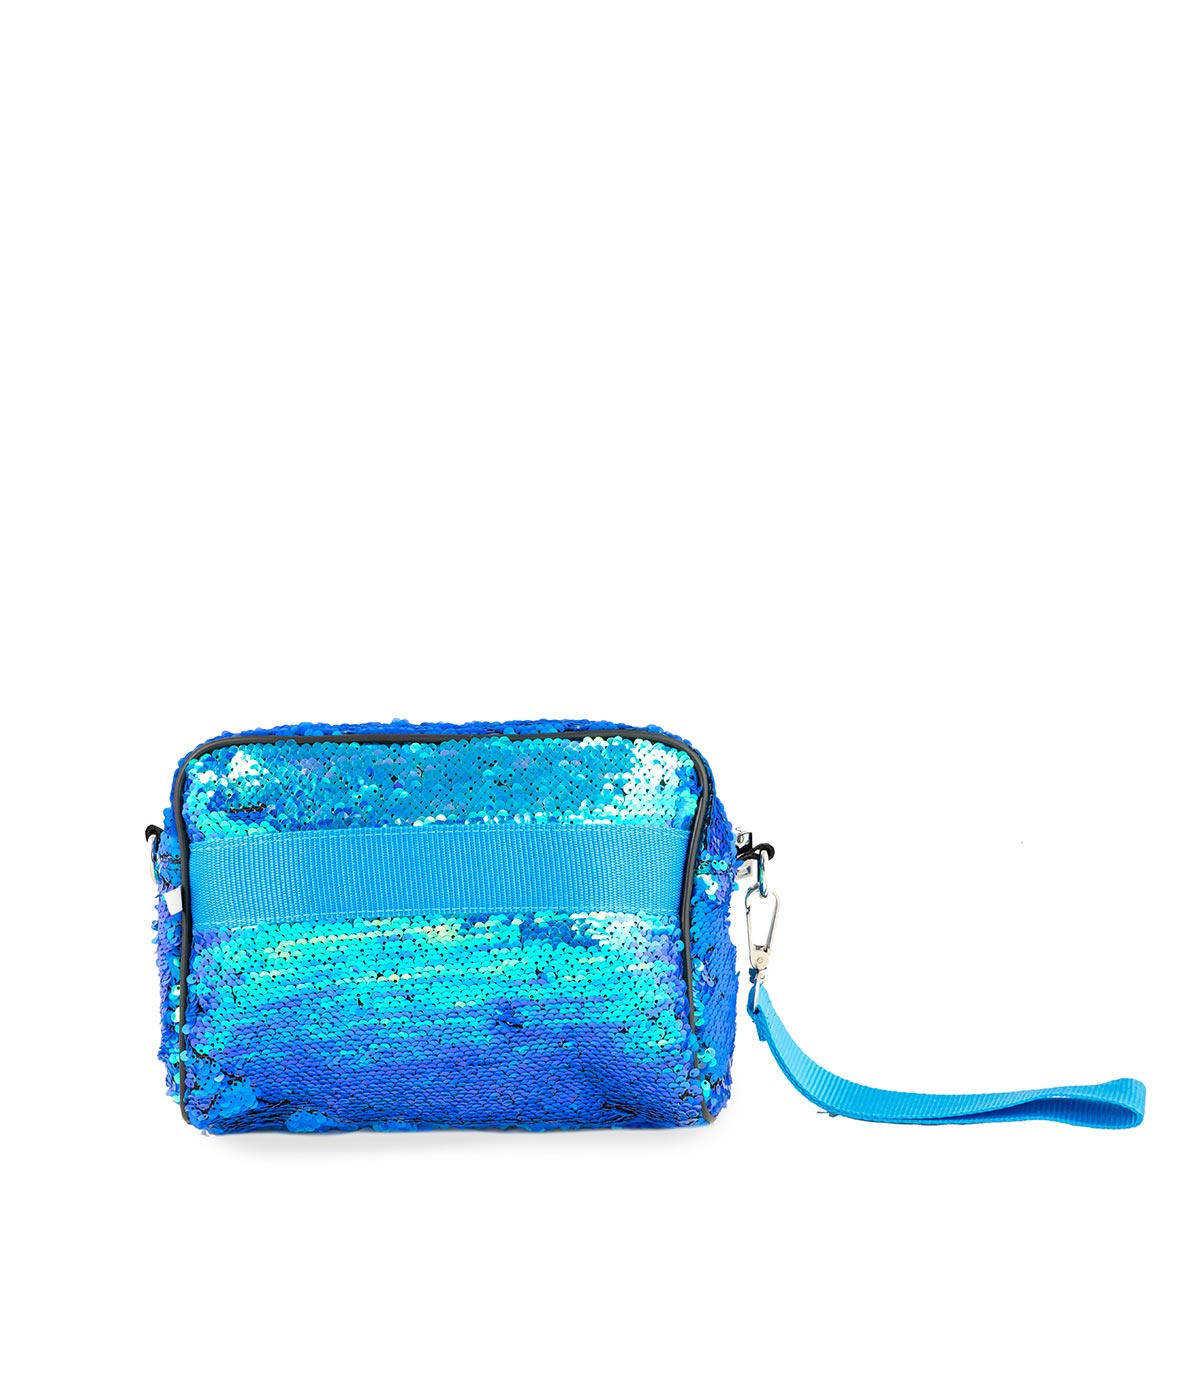 beauty-bag-paillettes-riga-azzurra-retro